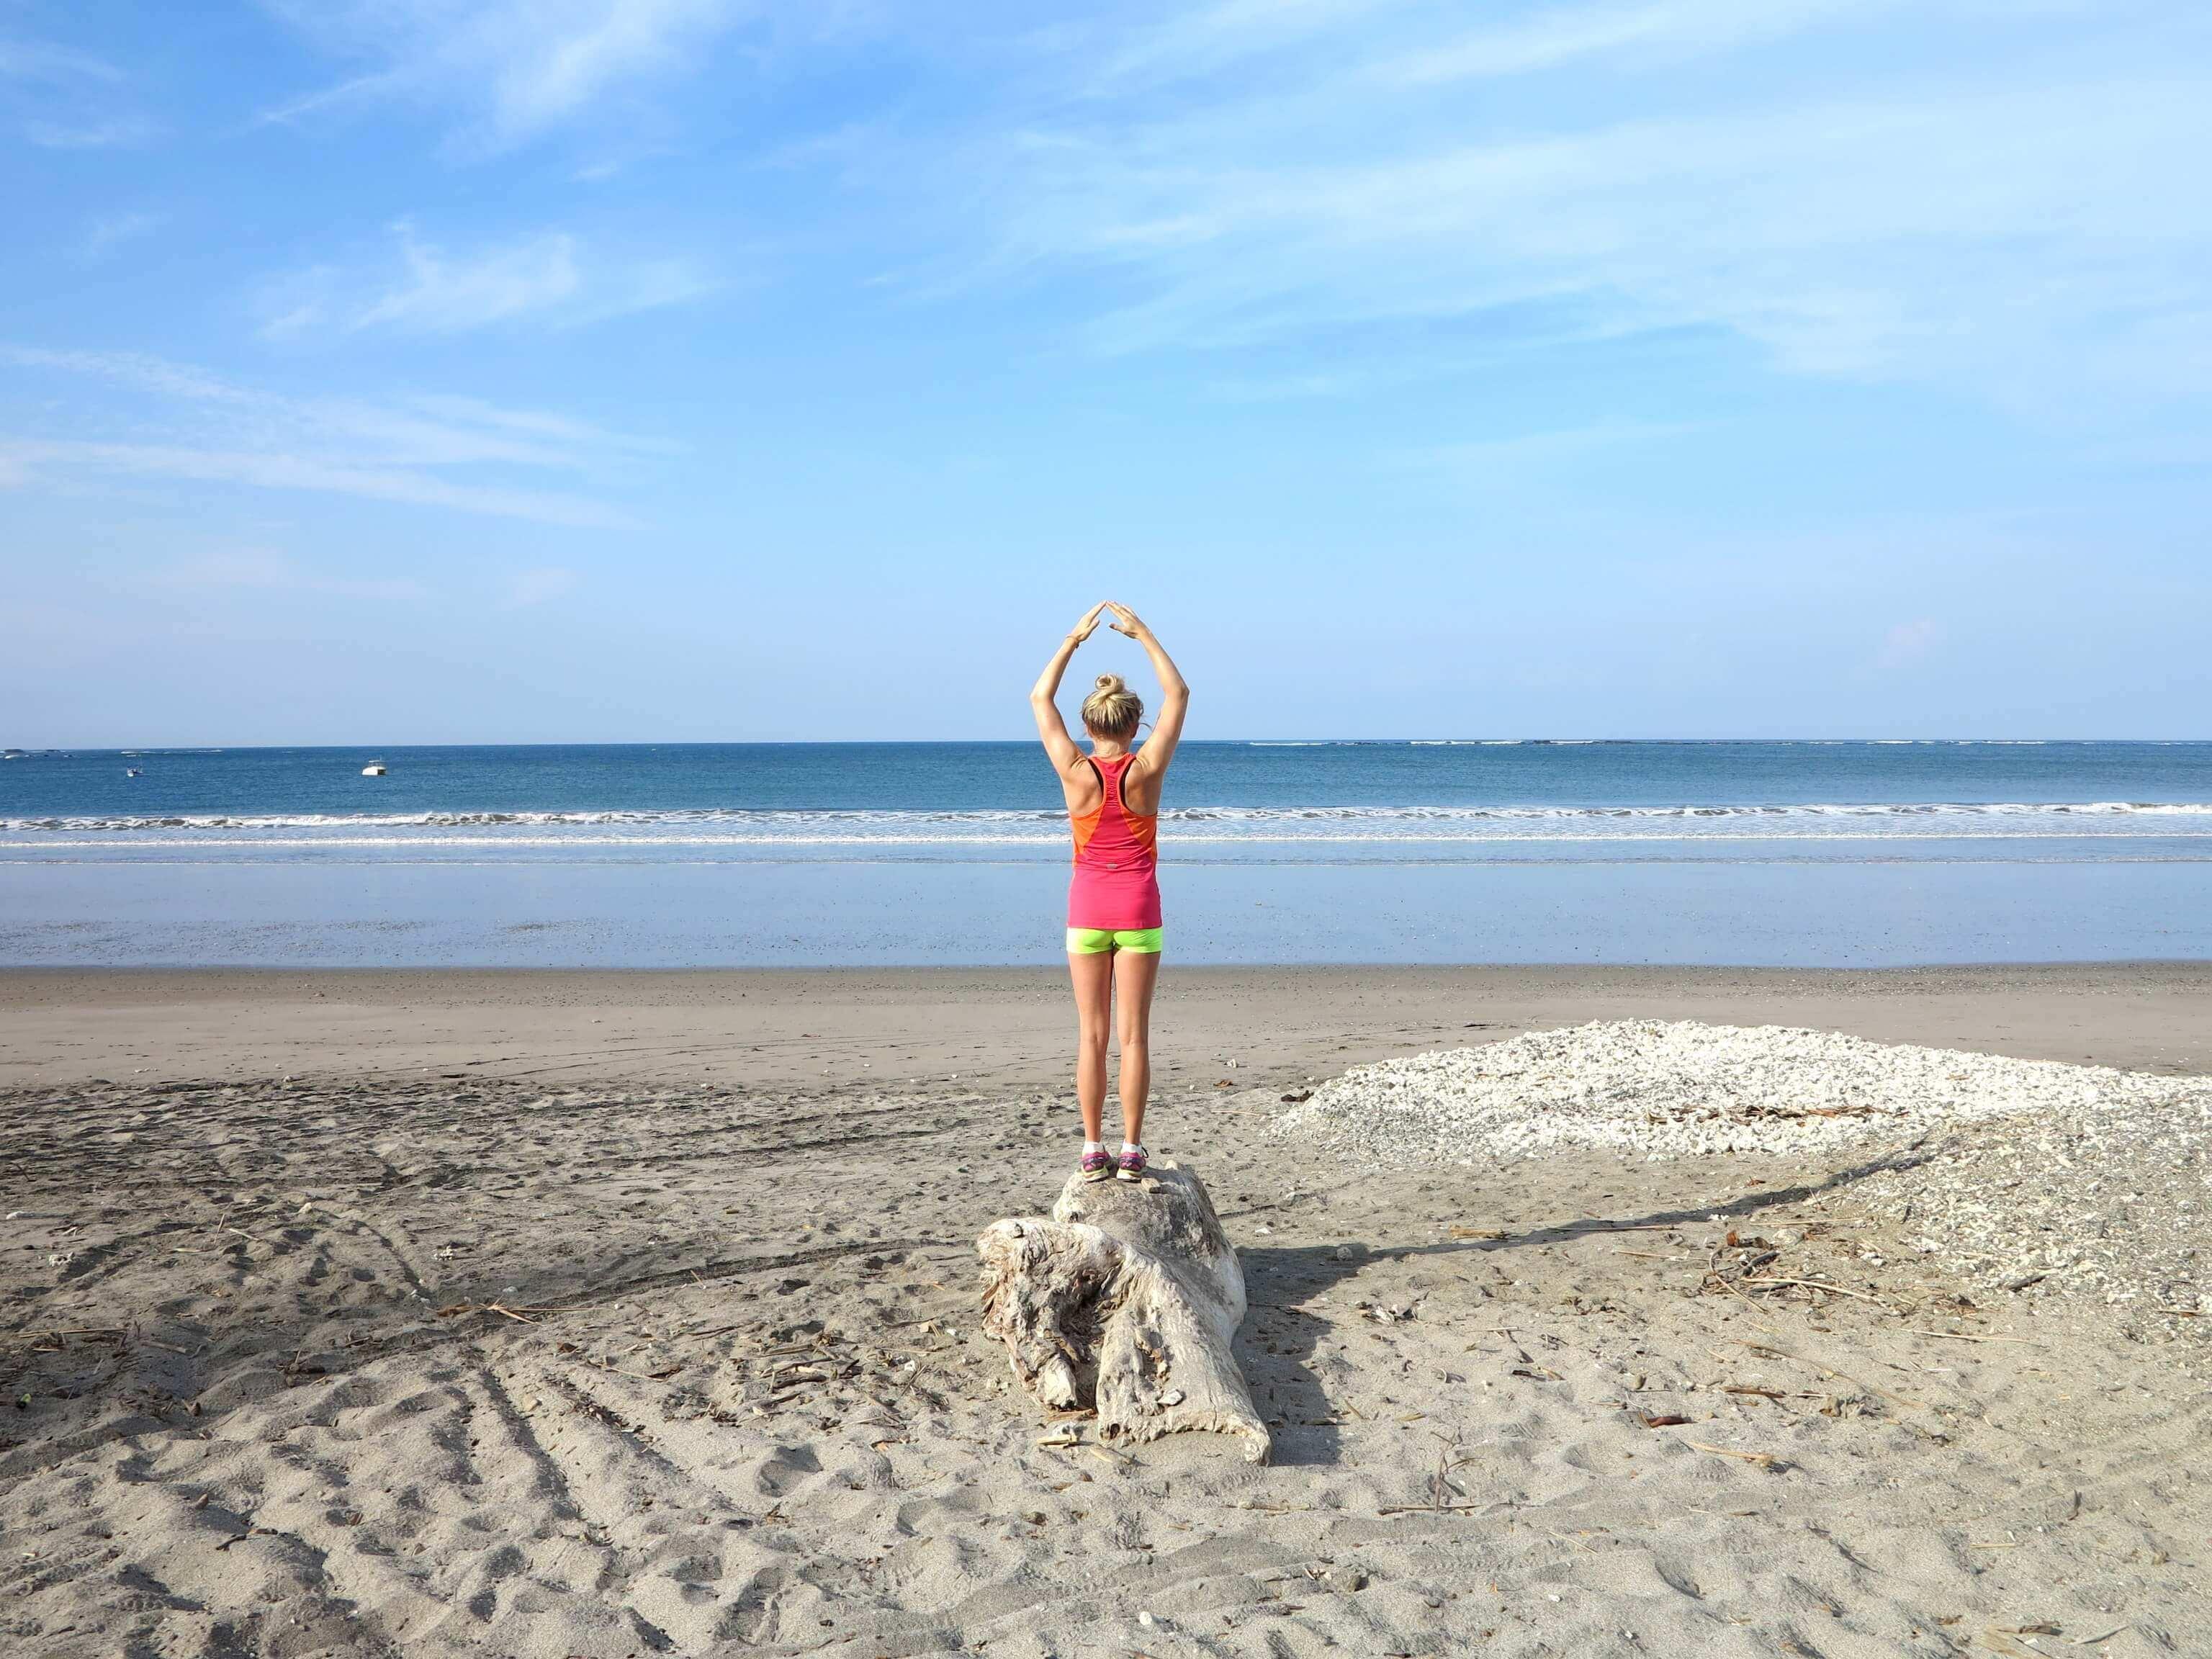 Playa Samara bietet zahlreiche schöne Plätze zum Entspannen